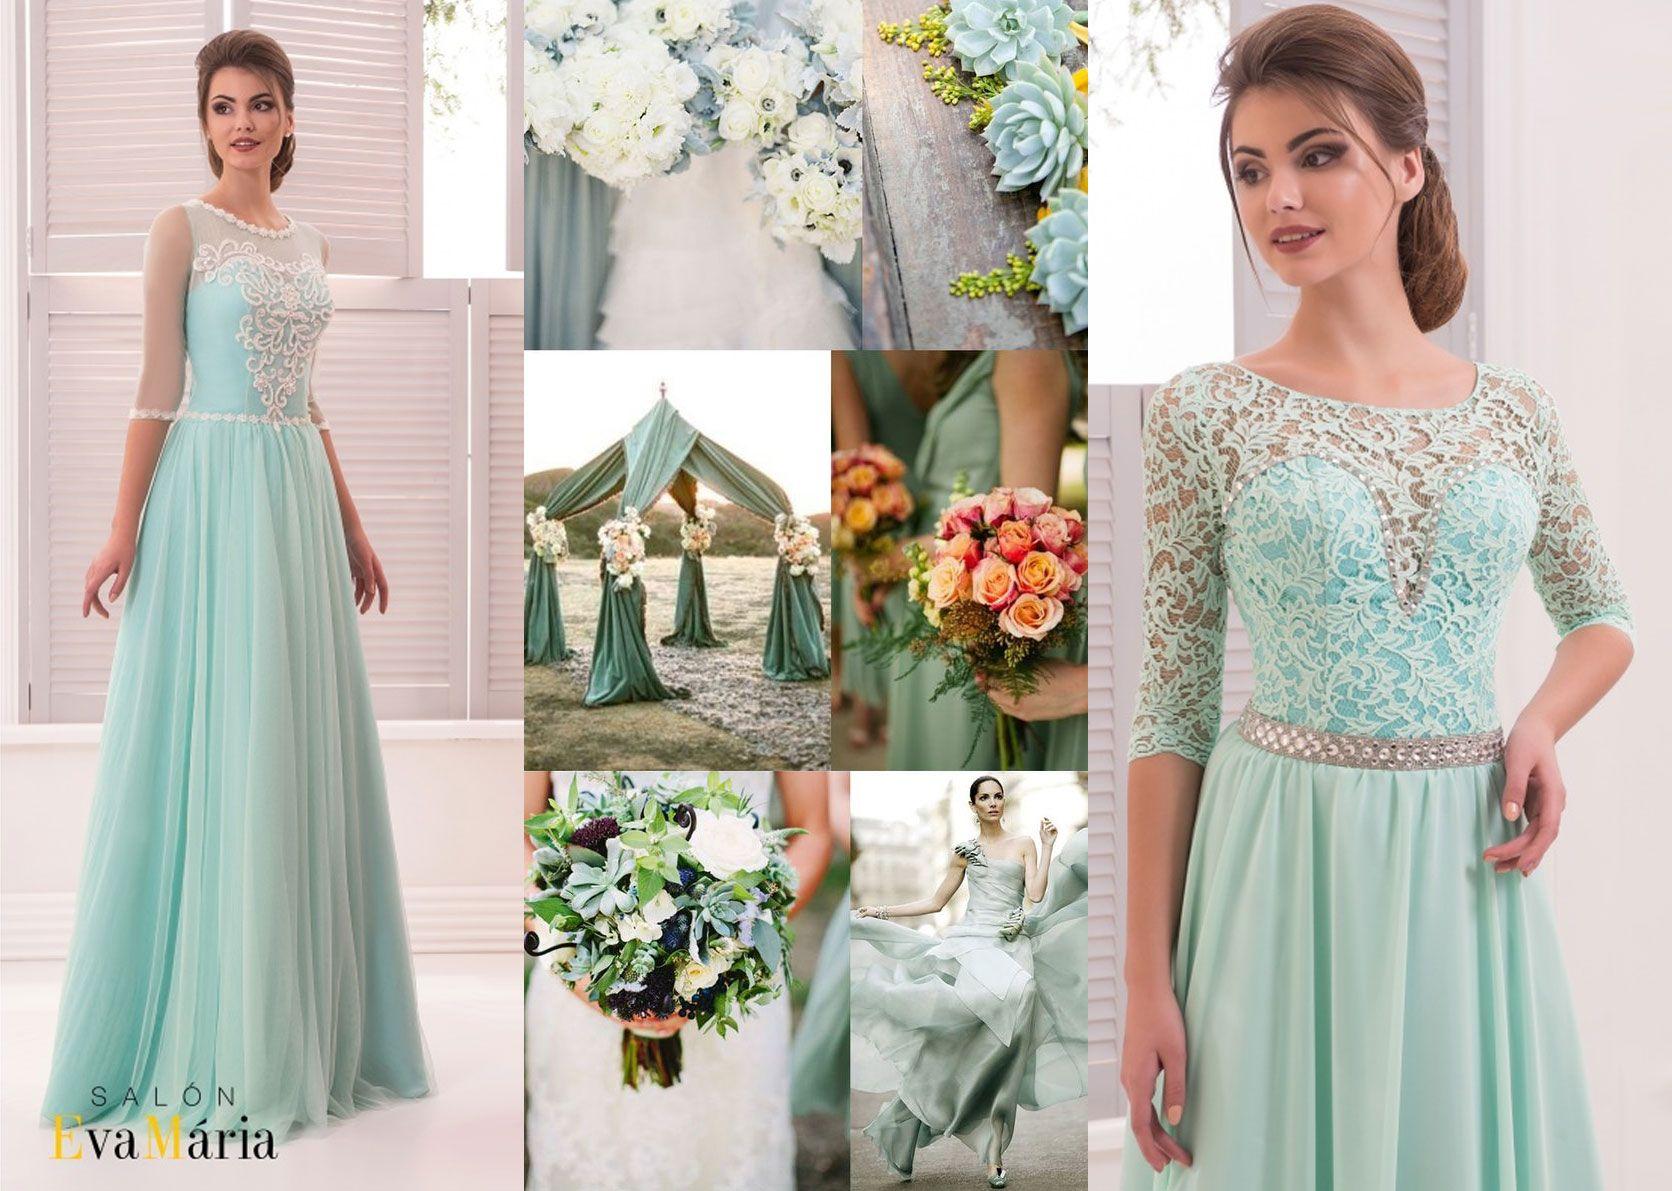 Zelené družičkovské šaty . zelená svadba - zelená svadobná výzdoba ... dc23e7e60f9